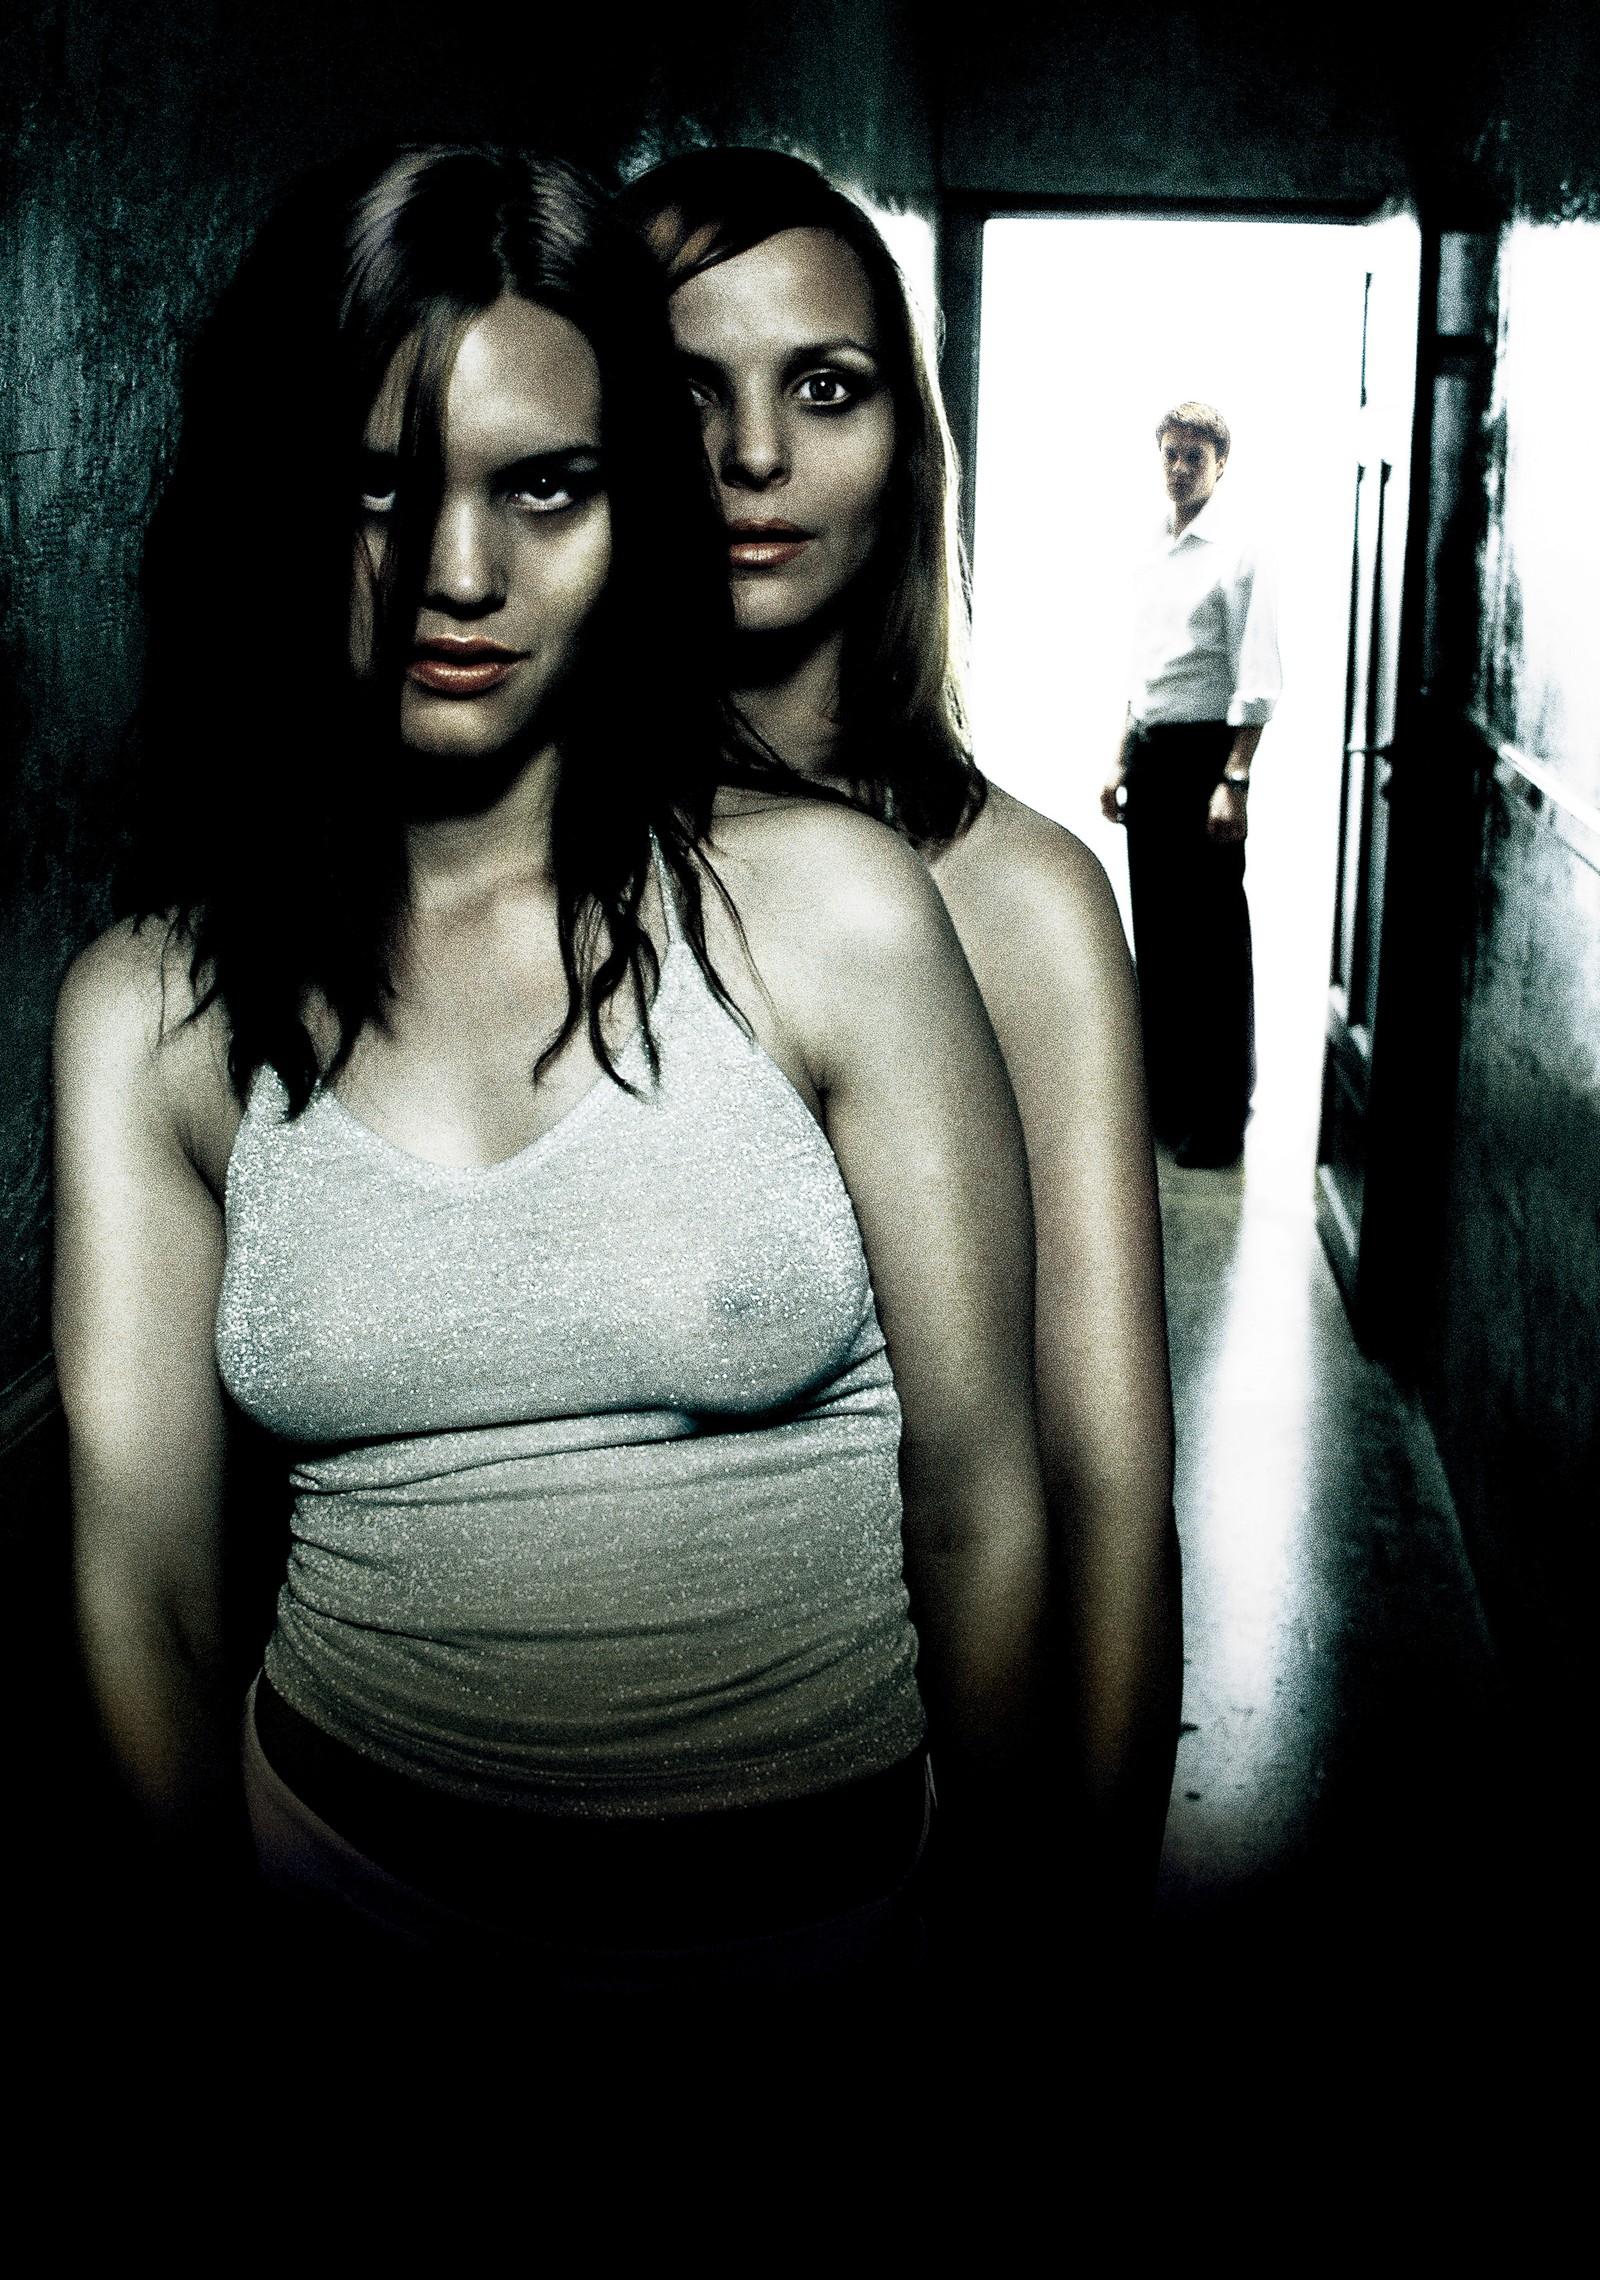 Naboer er en psykologisk thrillerfilm fra 2005 regissert av Pål Sletaune.